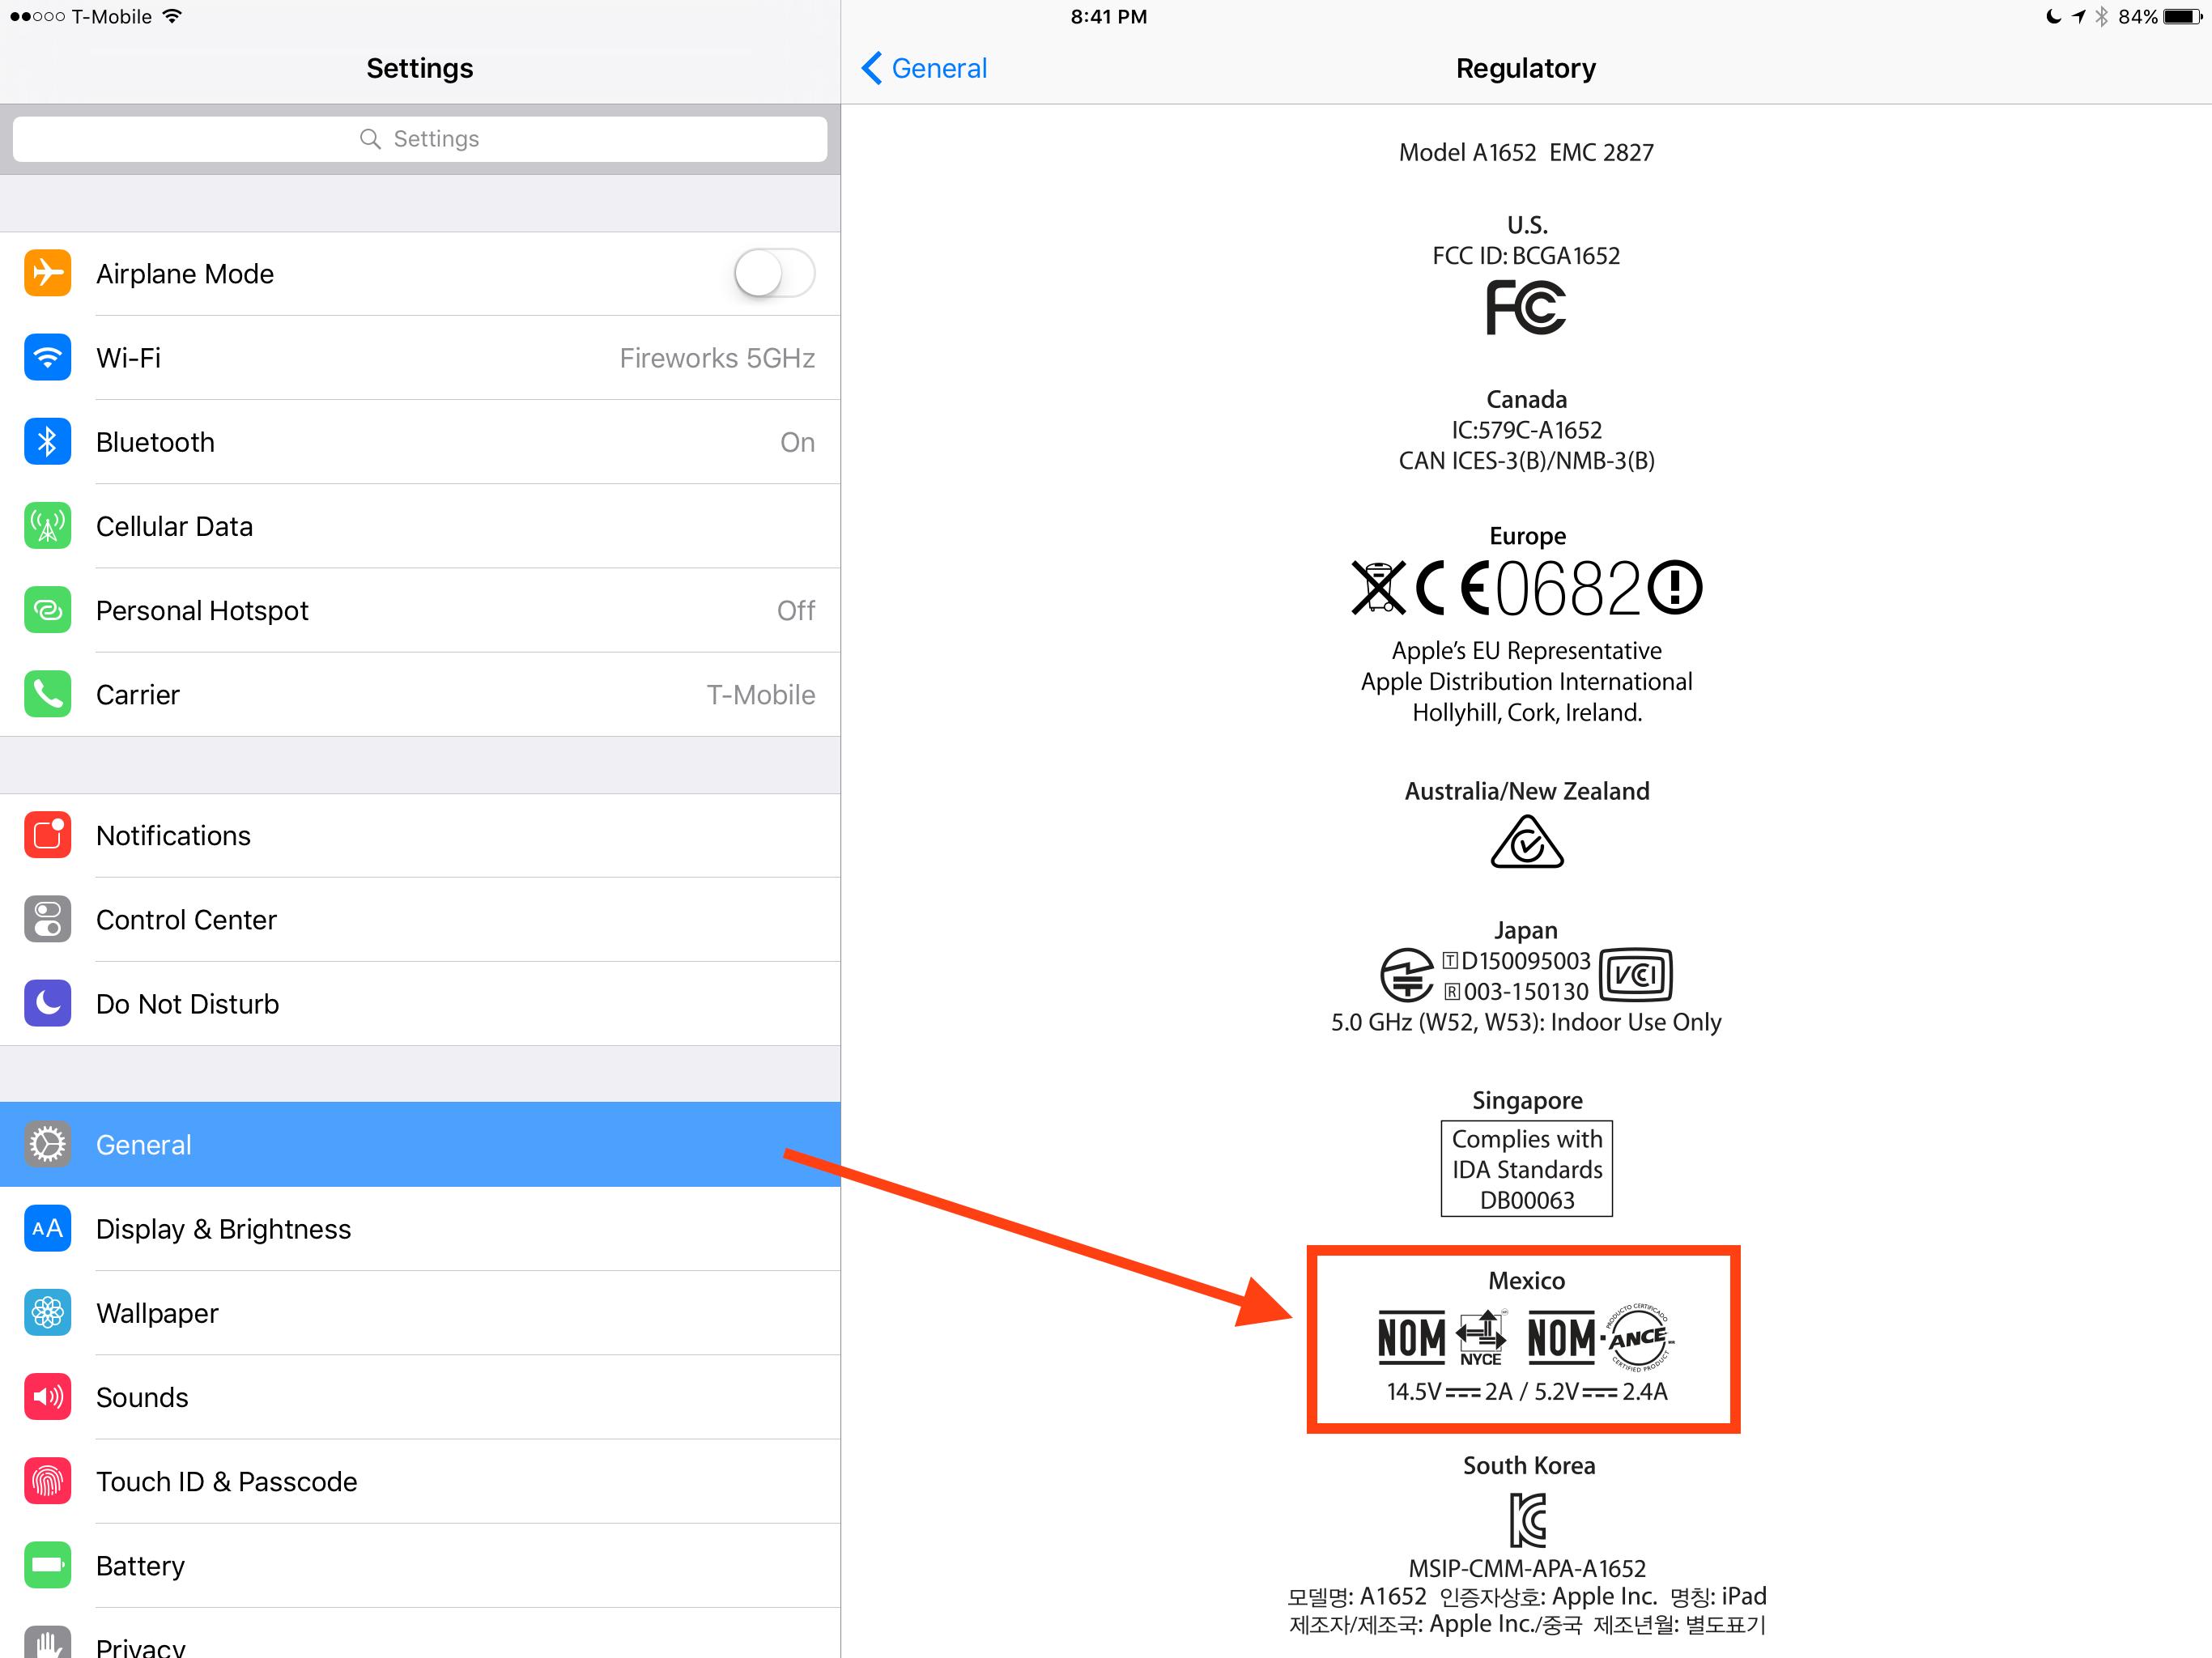 iPad Pro Regulatory